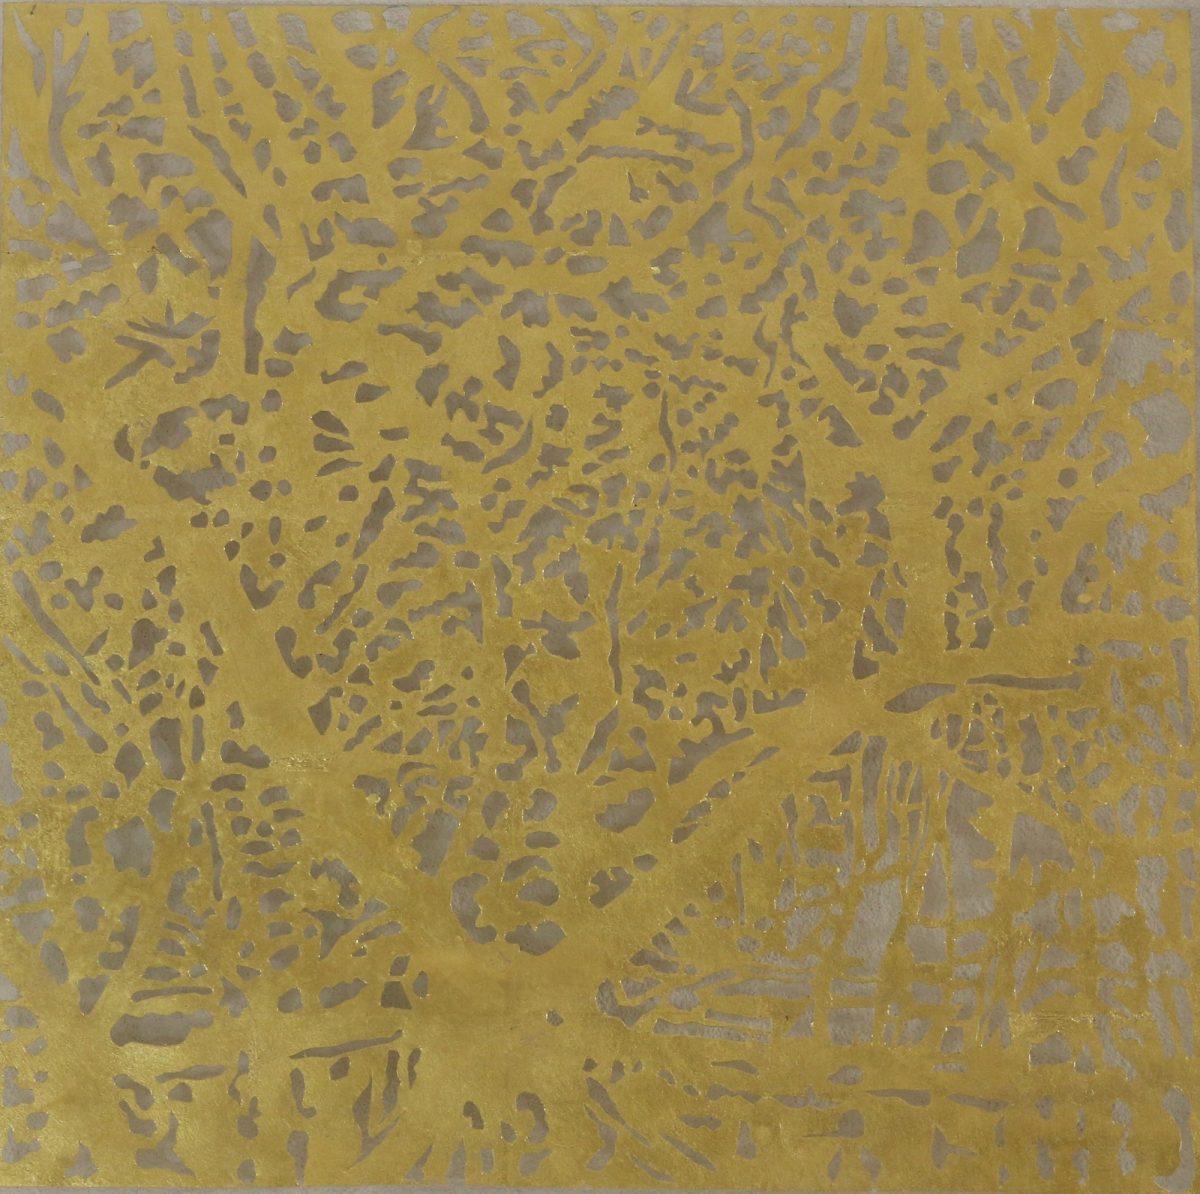 Art Atrium Andrew Tomkins Gold Cut I